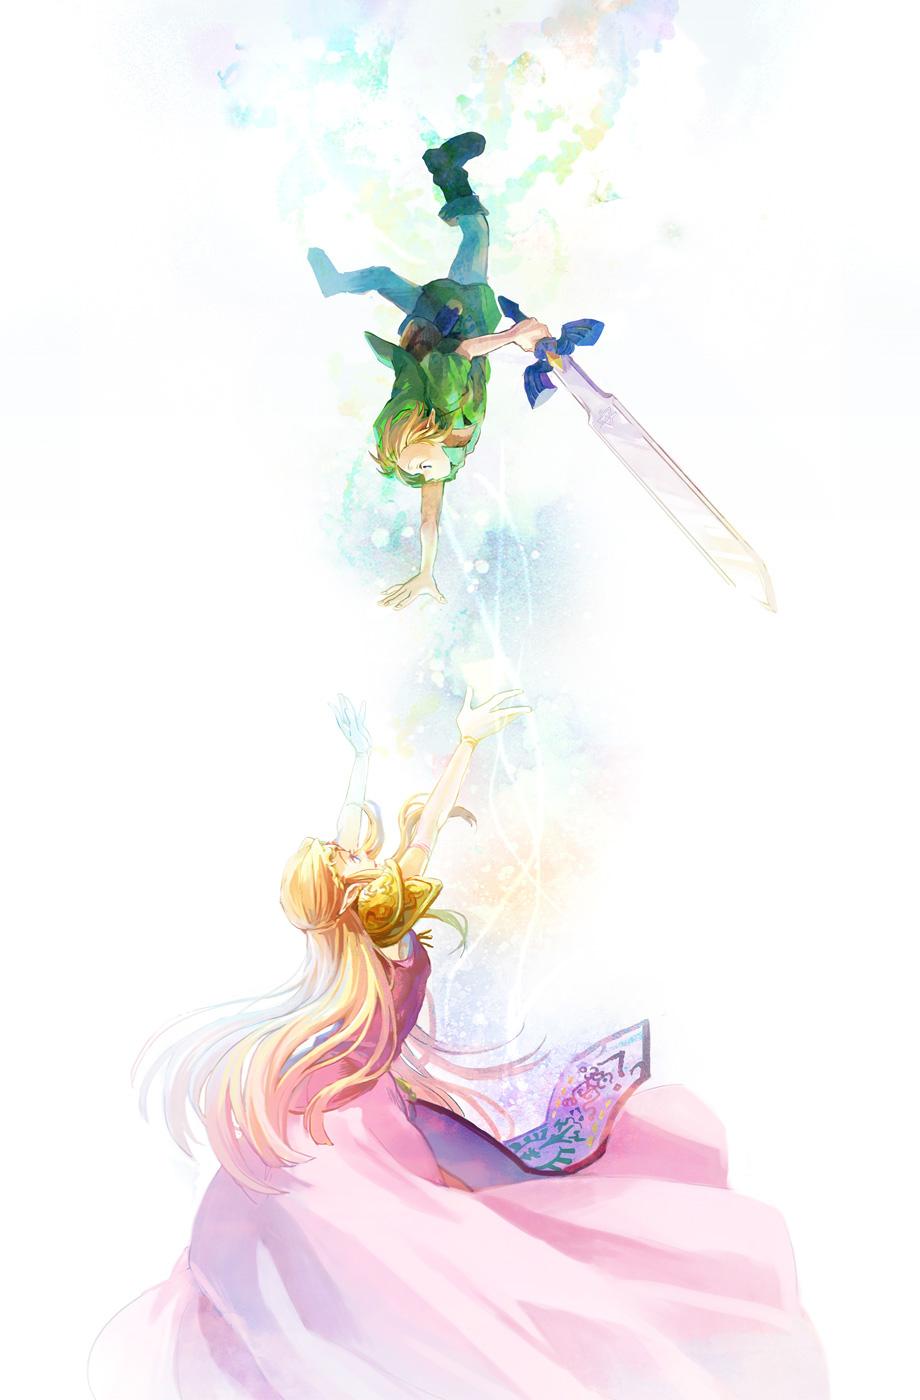 Tranh anime cô công chúa tóc vàng